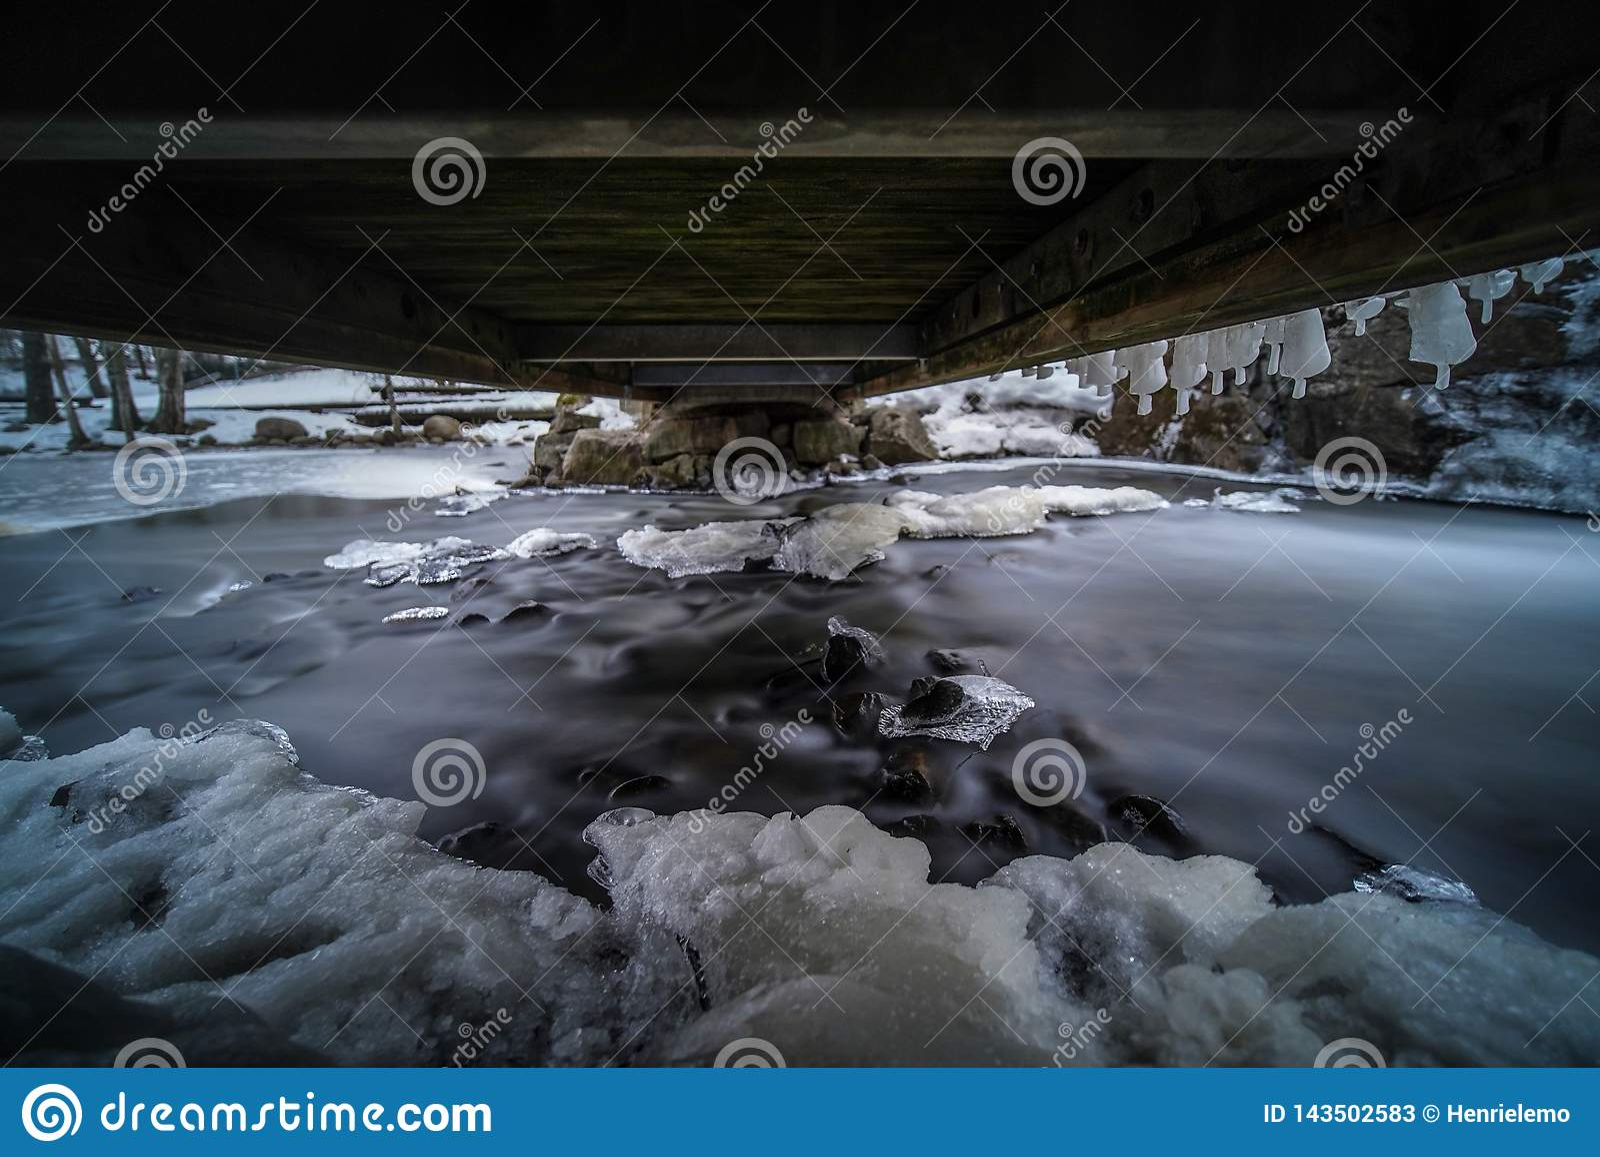 Mystiek beeld die van water onder kleine brug met ijs en koud weer stromen